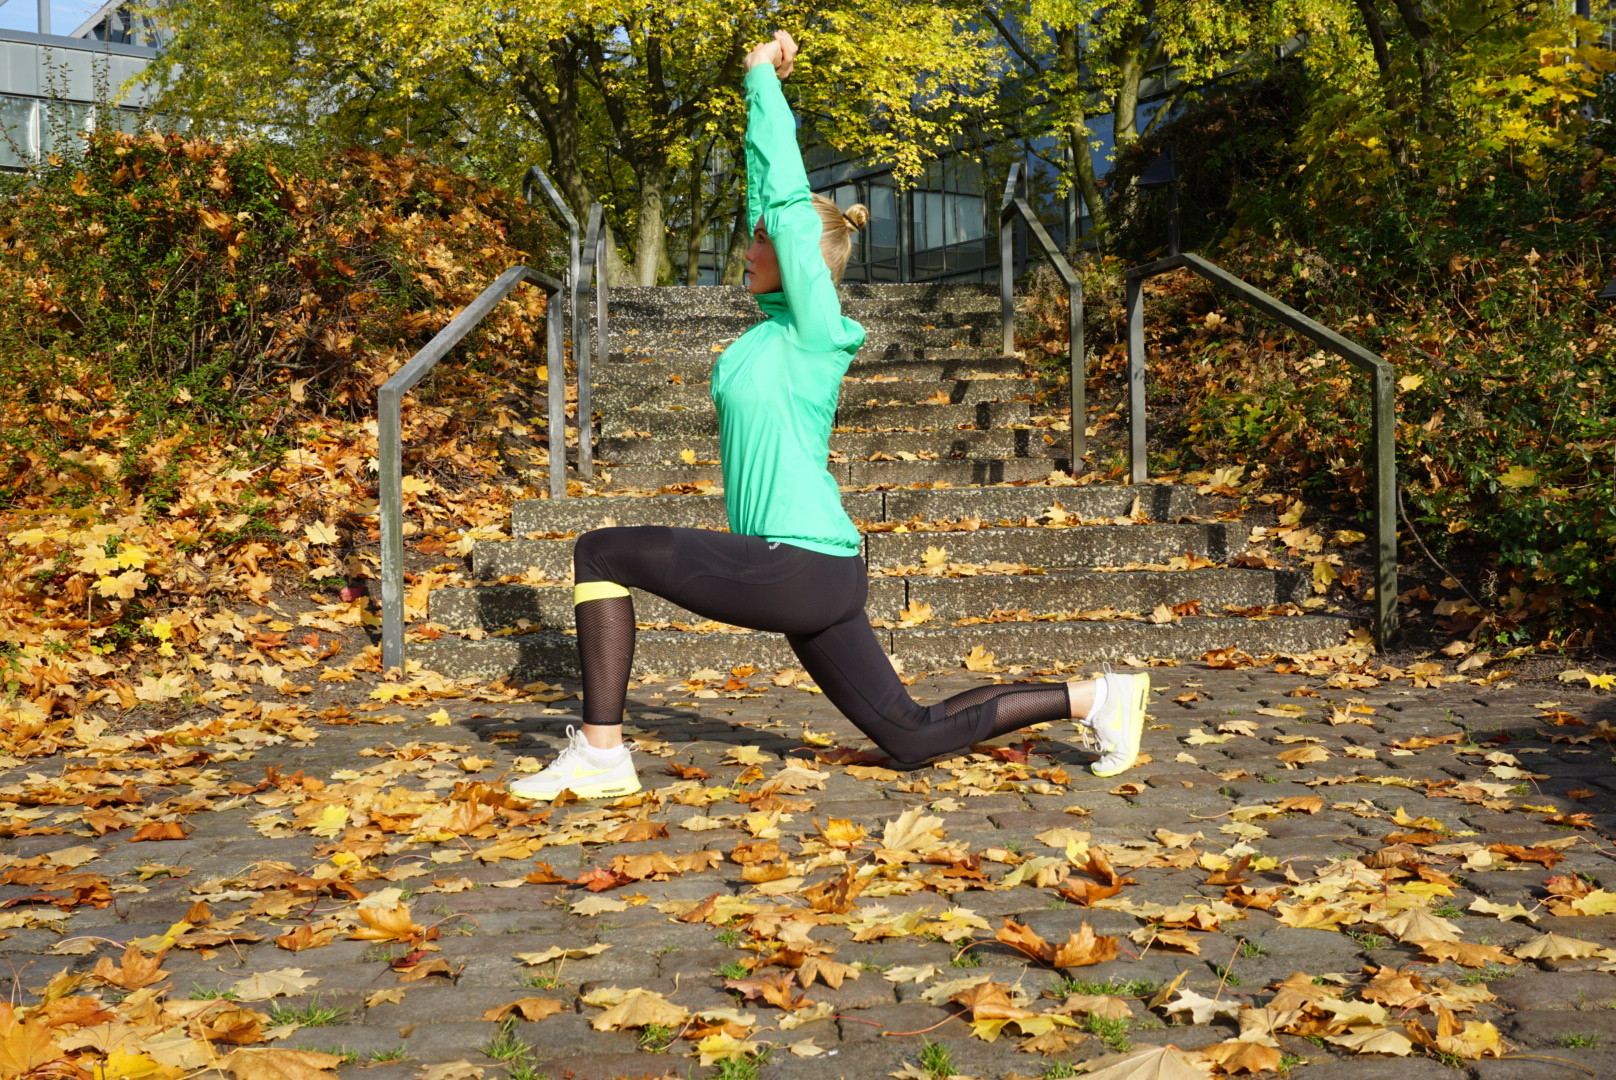 Ausfallschritte / Lunges - besonders anspruchsvoll, wenn sie gesprungen werden. Gewicht auf die Ferse verlagern, das hintere Knie ist schön tief. Oberkörper aufrecht, Schultern zurück. Achte auf einen stabilen Stand + finde immer wieder deinen Schwerpunkt